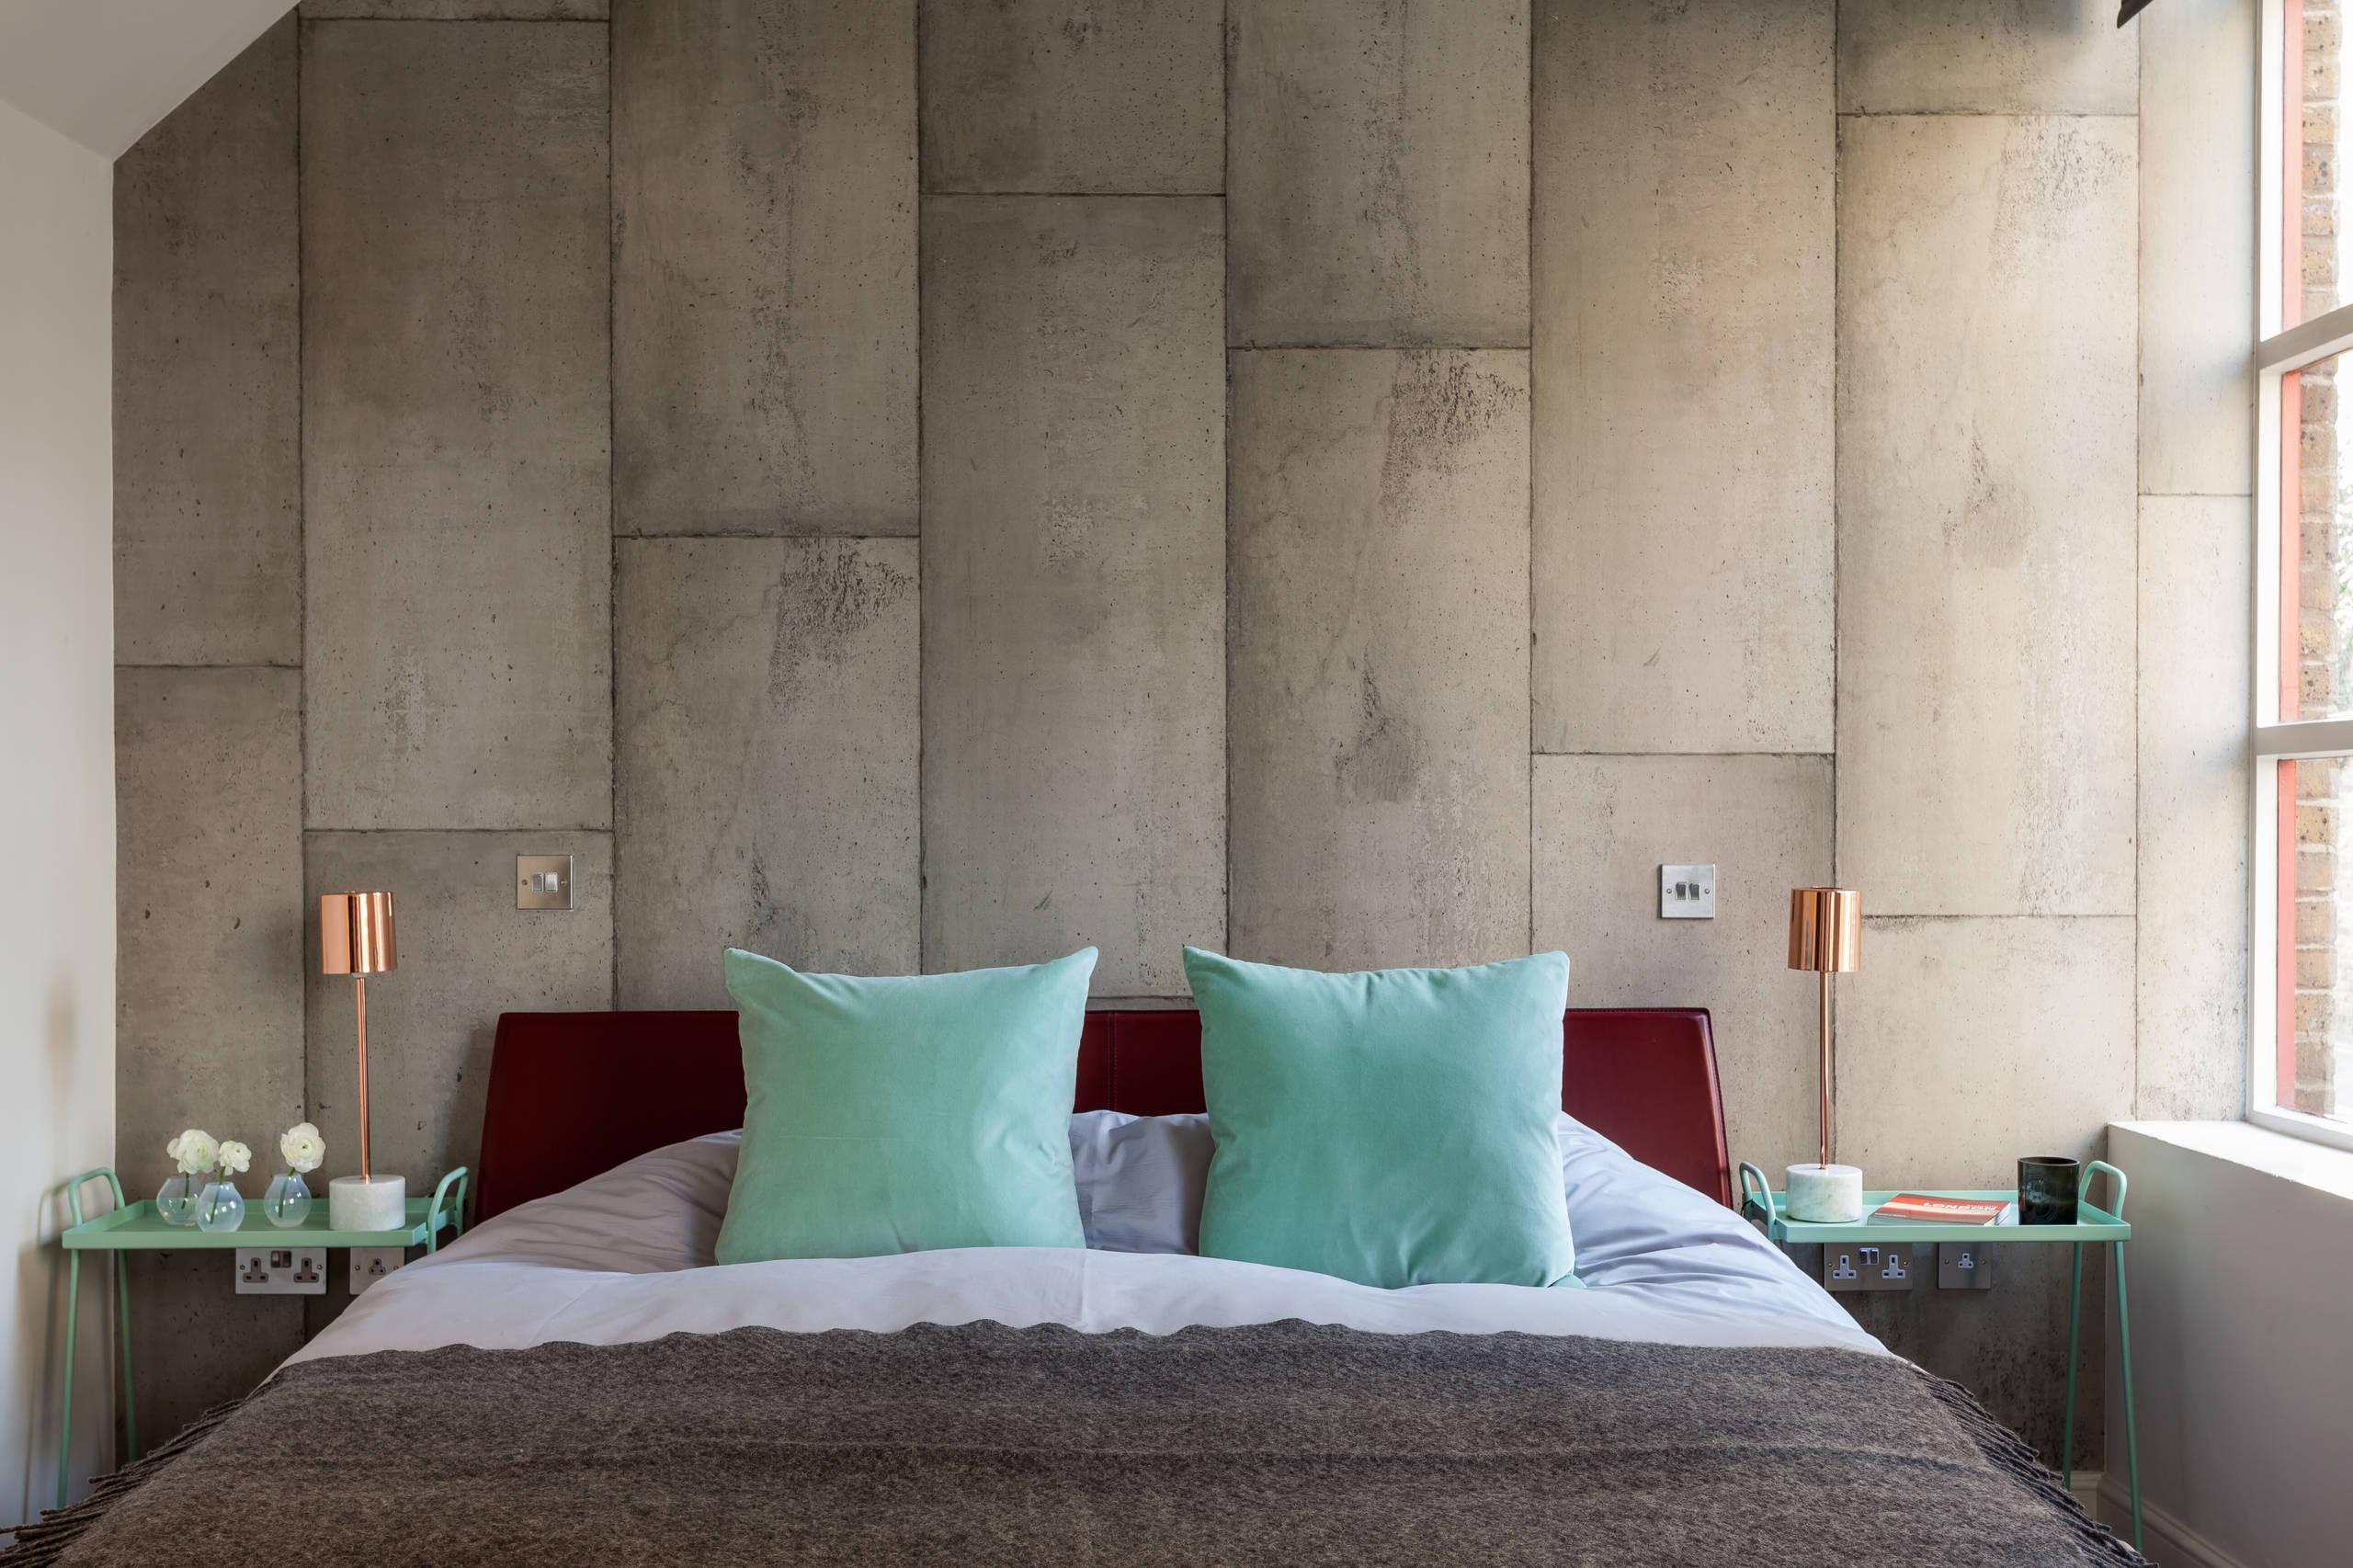 Неимоверно очаровательная атмосфера лофтового помещения с отделкой стен под бетон